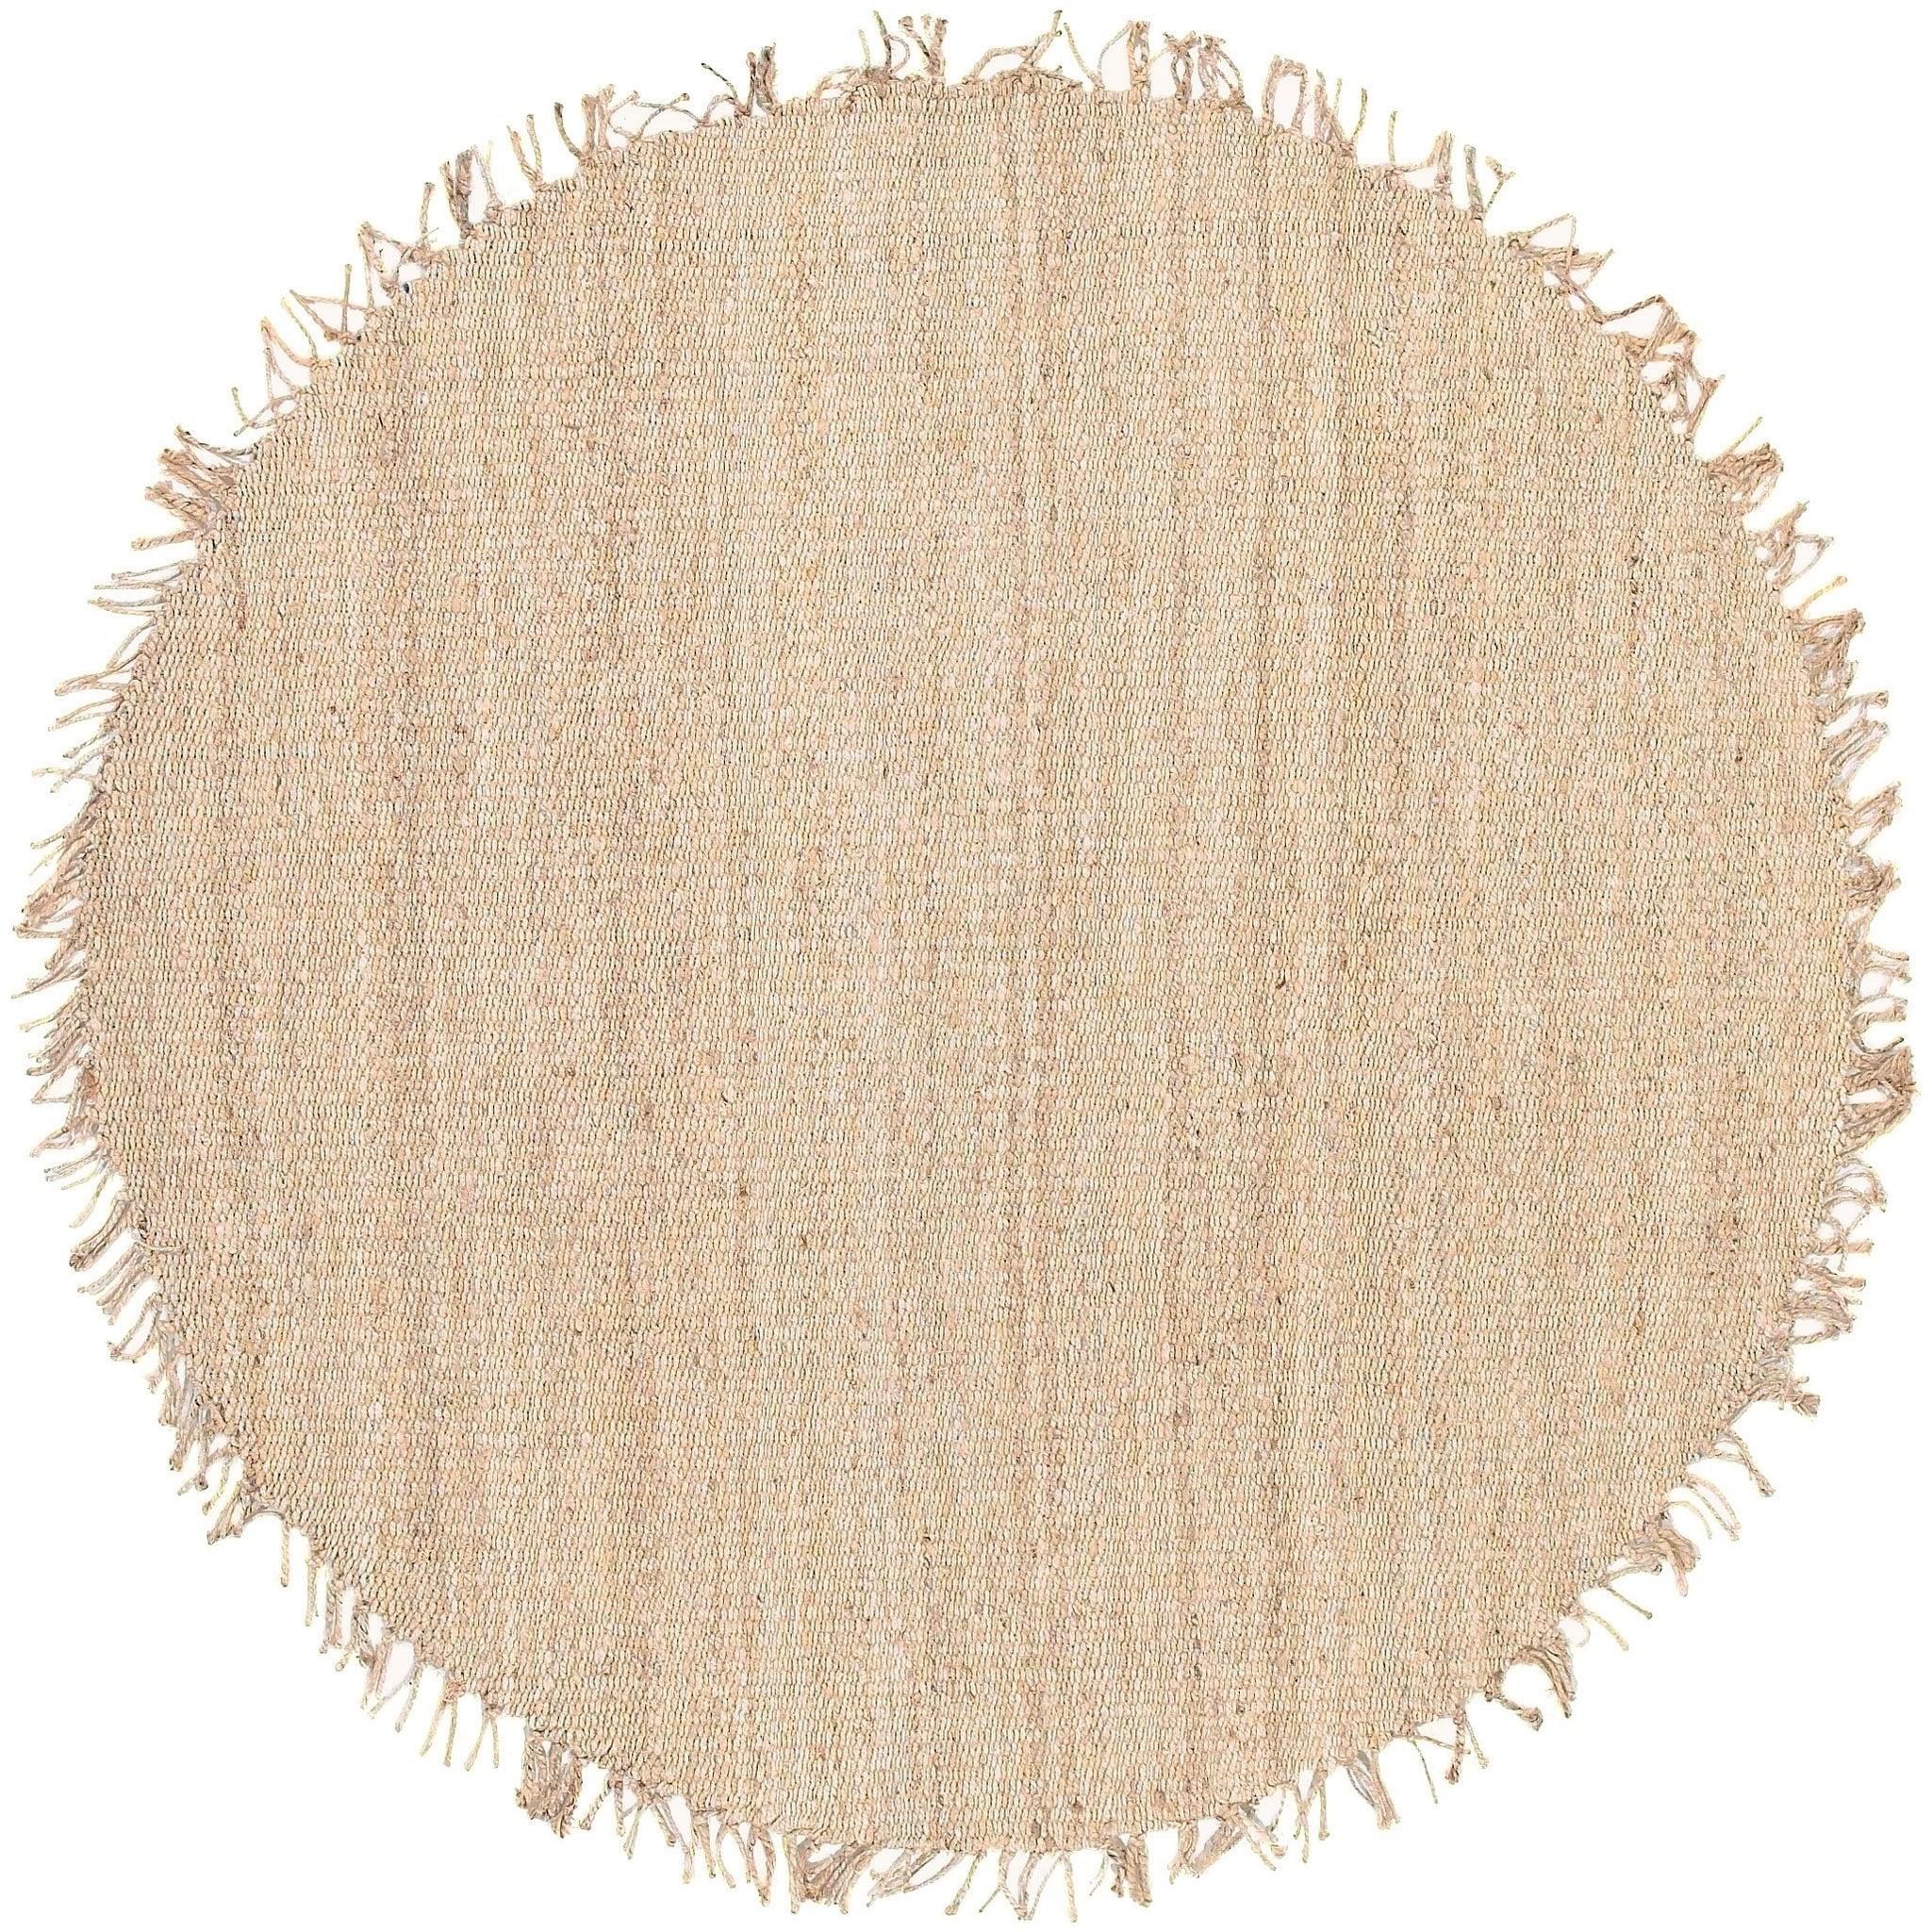 Hand Woven Kanabec Bleach Natural Fiber